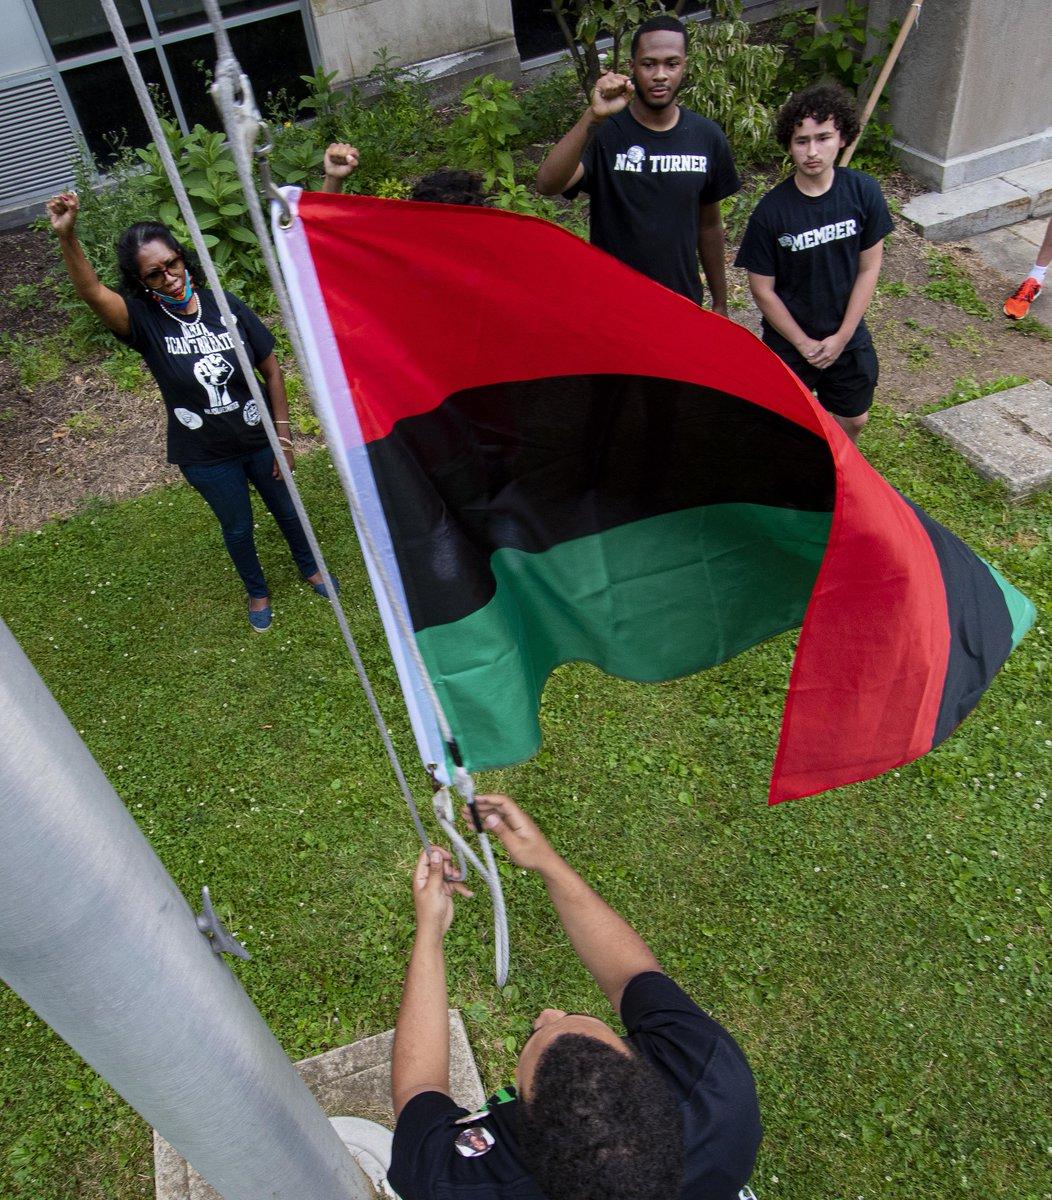 PHOTOS: Flag raising on Juneteenth at Allen High School. mcall.com/news/local/all…